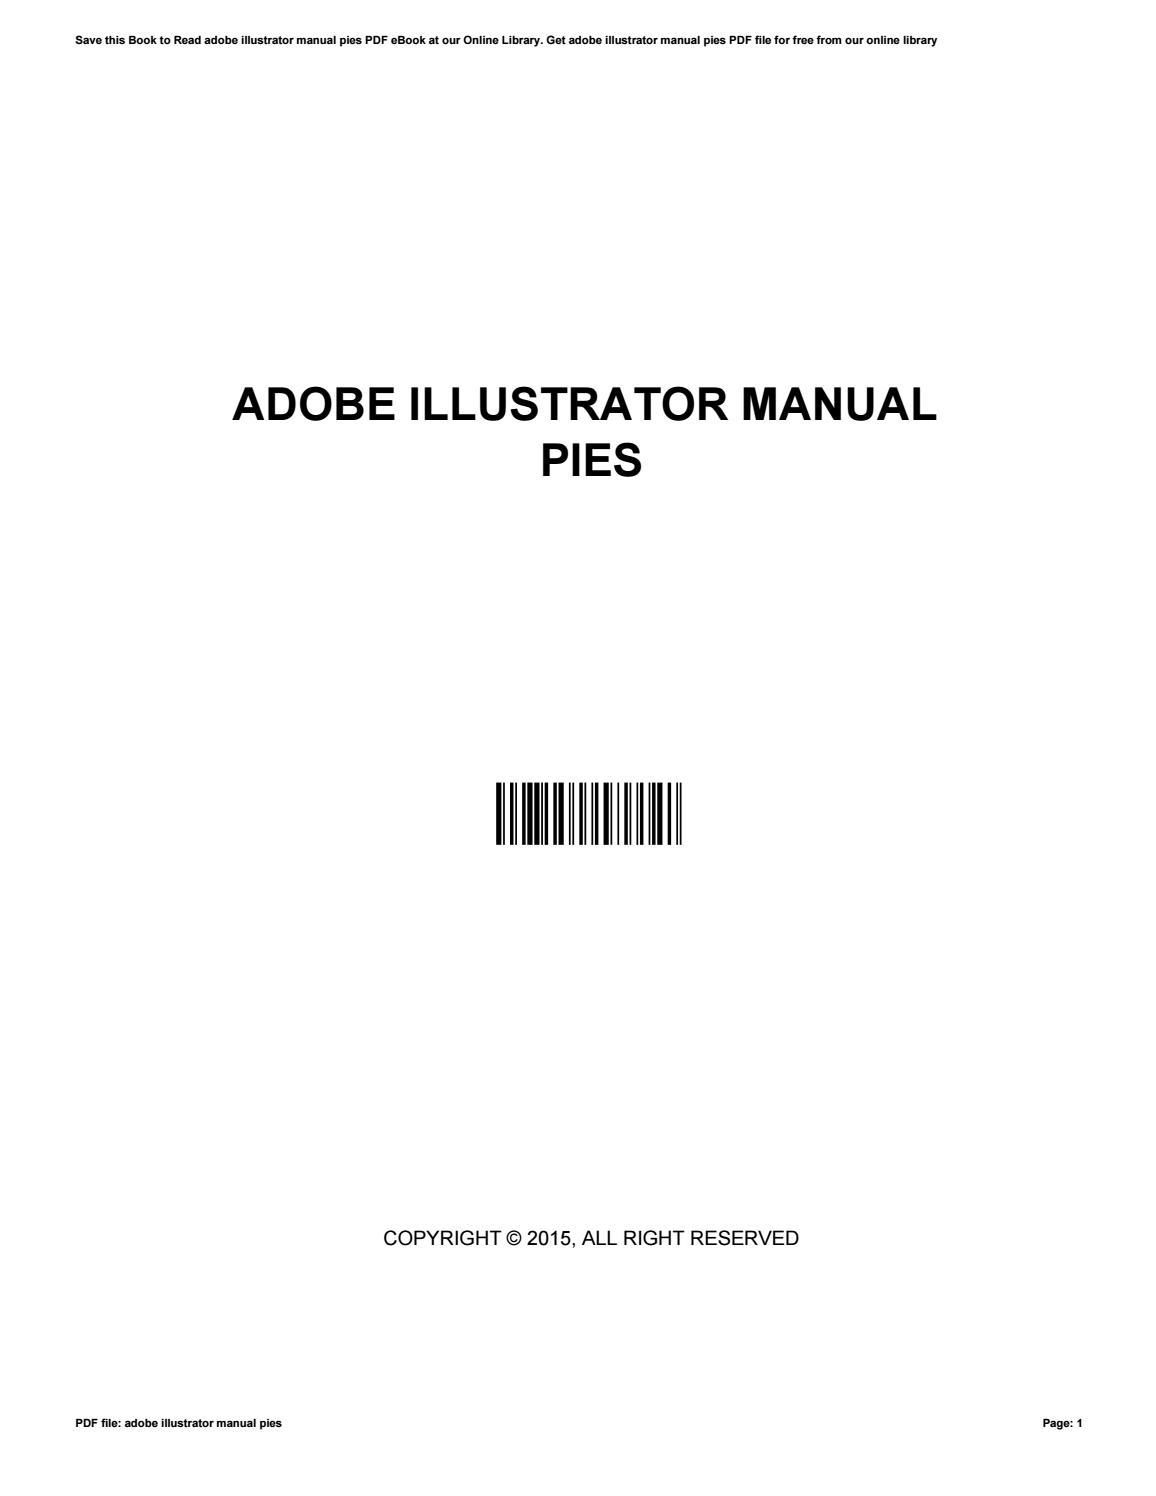 adobe illustrator manual pies by davidknott4945 issuu rh issuu com